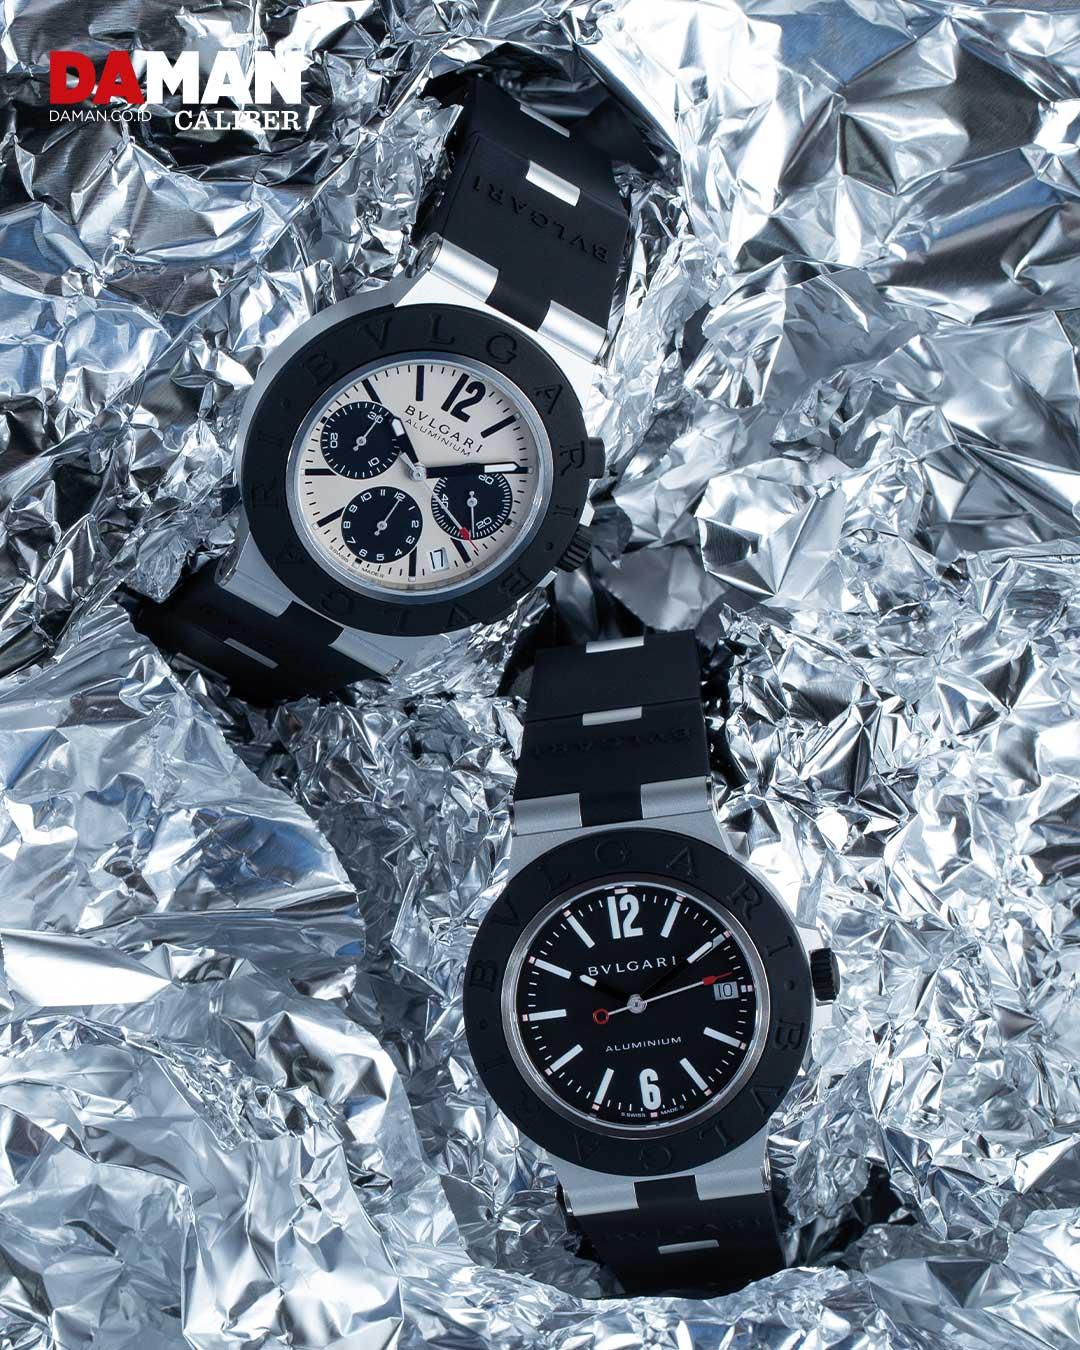 Bvlgari aluminium Chronograph in aluminum and titanium with black rubber bracelet and Bvlgari aluminium in aluminum and titanium with black rubber bracelet